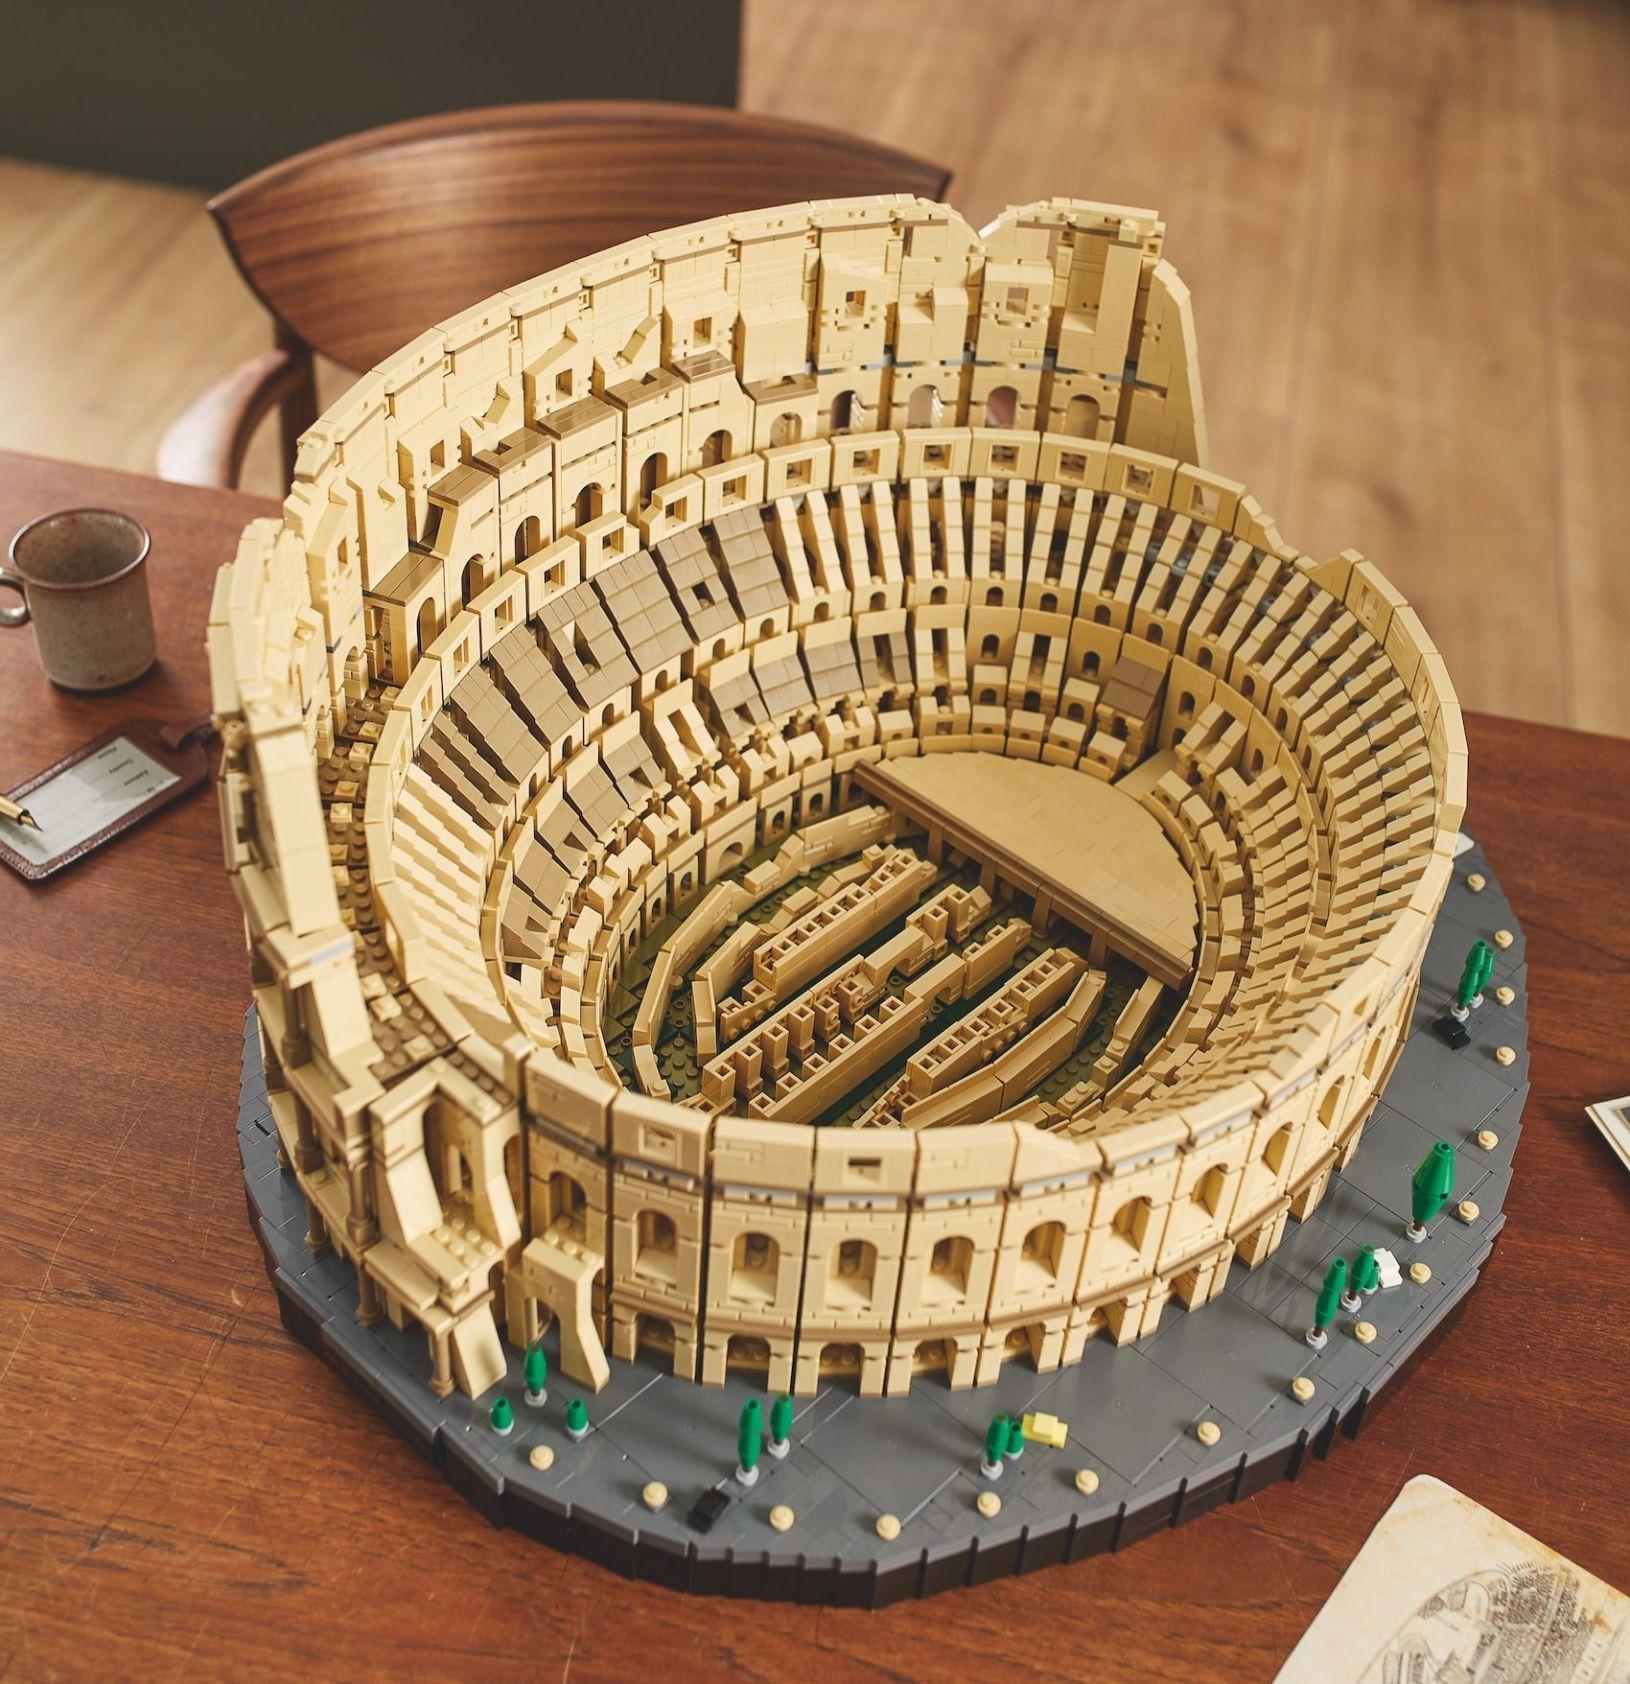 LEGO šokovalo úctyhodnými 9 036 kockami v novej stavebnici rímskeho Kolosea. Vysolíš zaňho takmer 500 eur